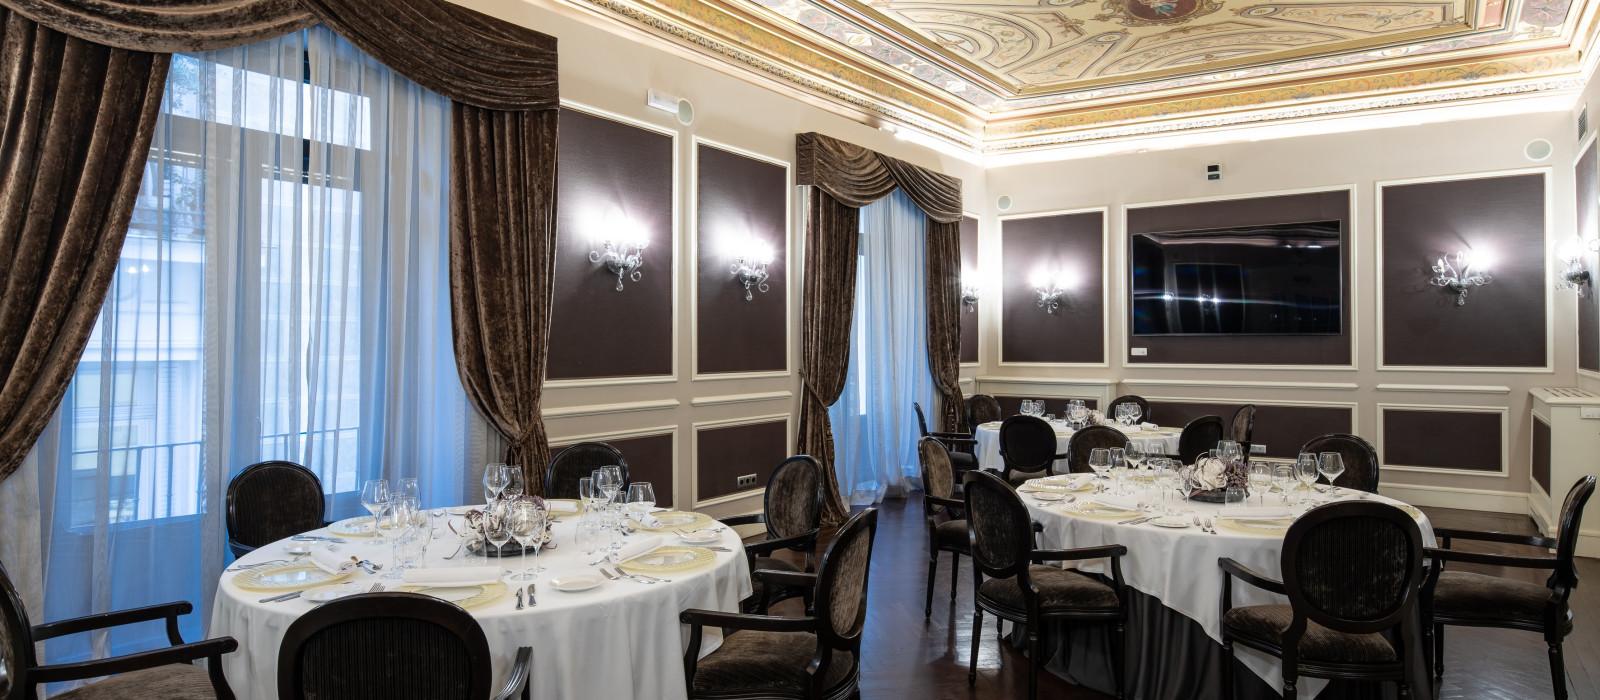 Hotel Catalonia Las Cortes Spain